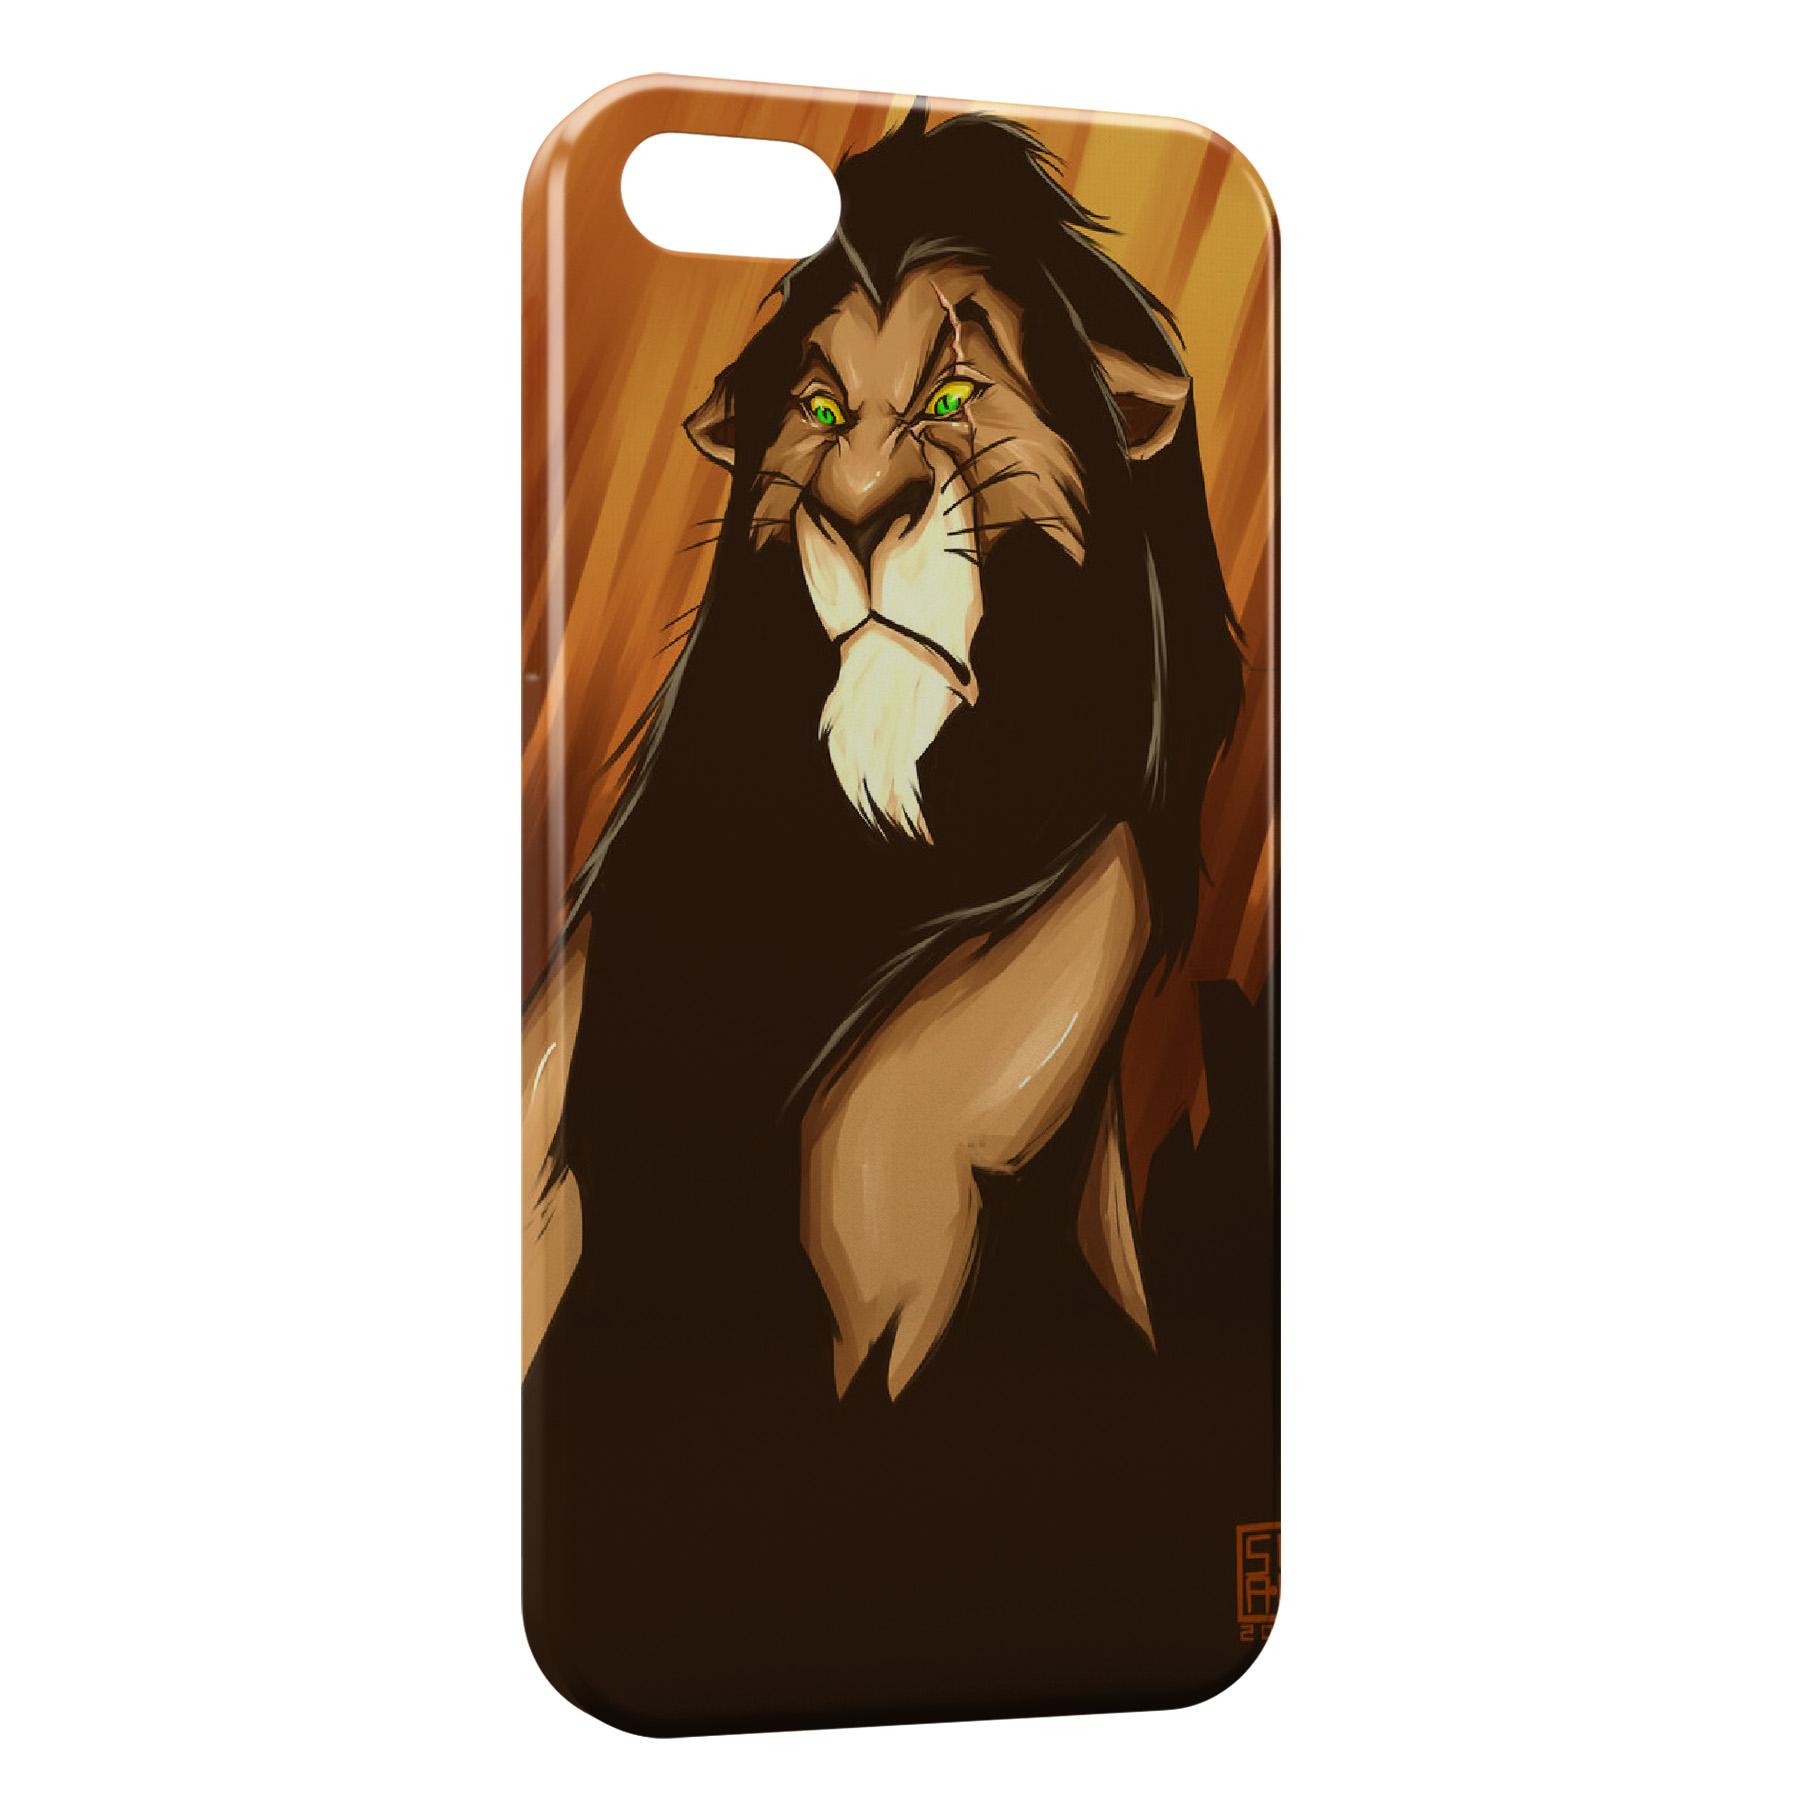 coque iphone 8 plus disney roi lion